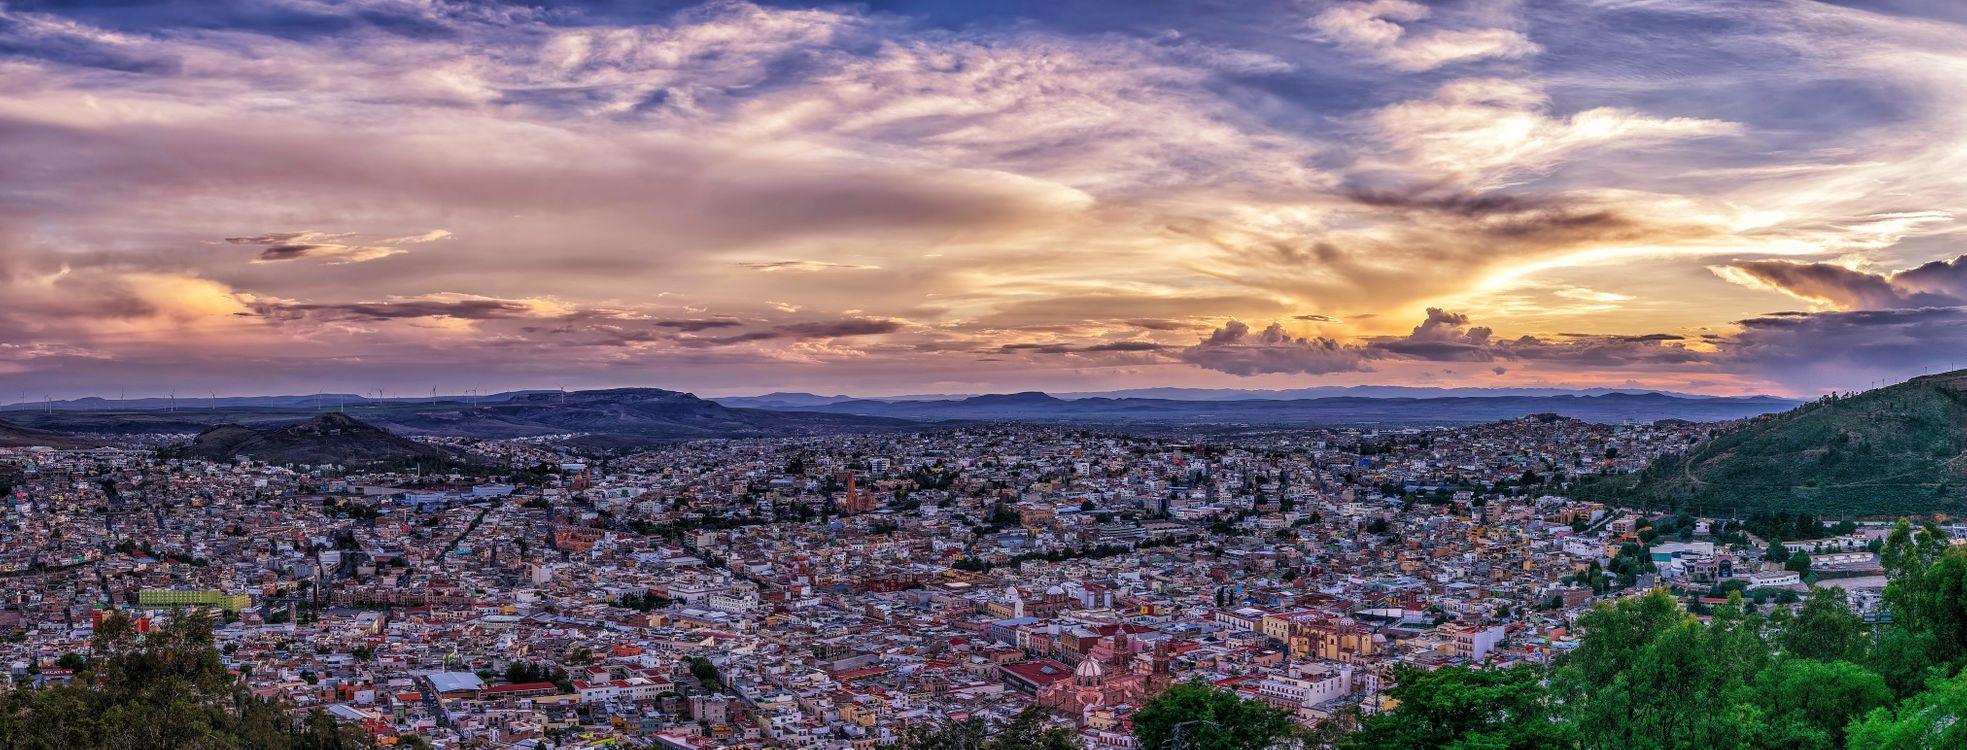 Фото бесплатно Сакатекас, Мексика, La Bufa, Zacatecas, закат, город, пейзаж, панорама, город